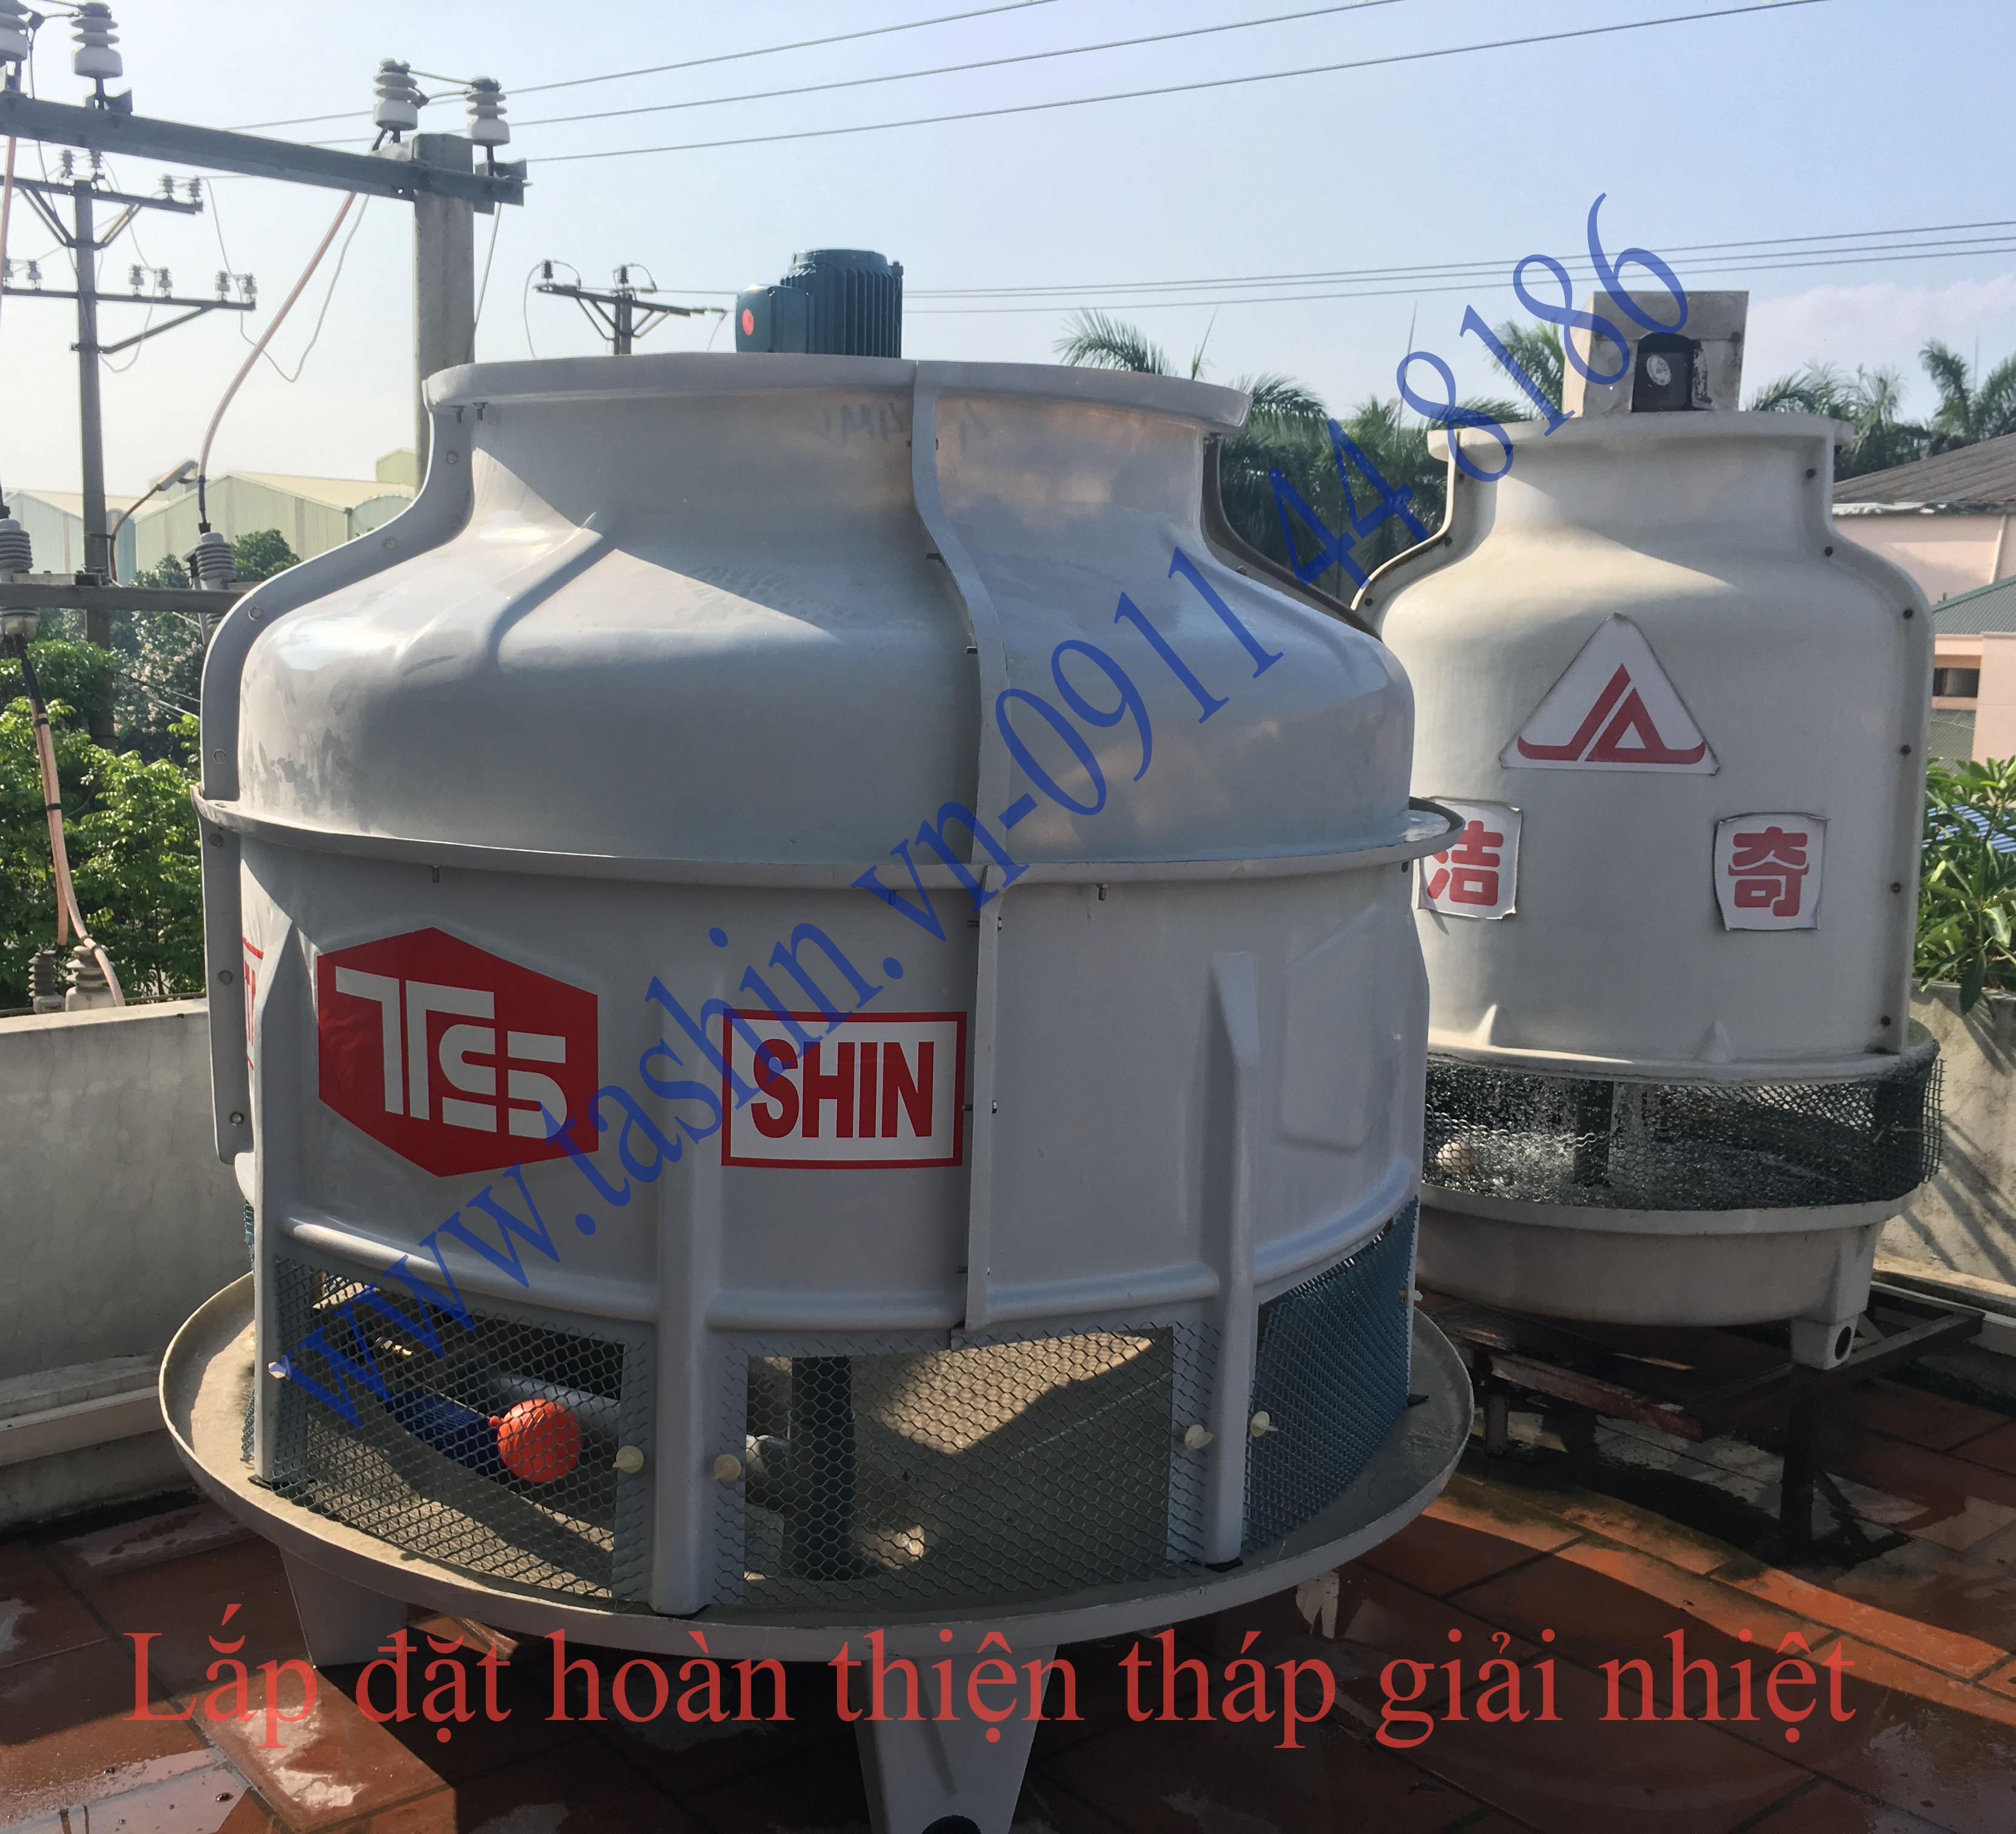 www.123nhanh.com: Cách lắp đặt tháp giải nhiệt Tashin